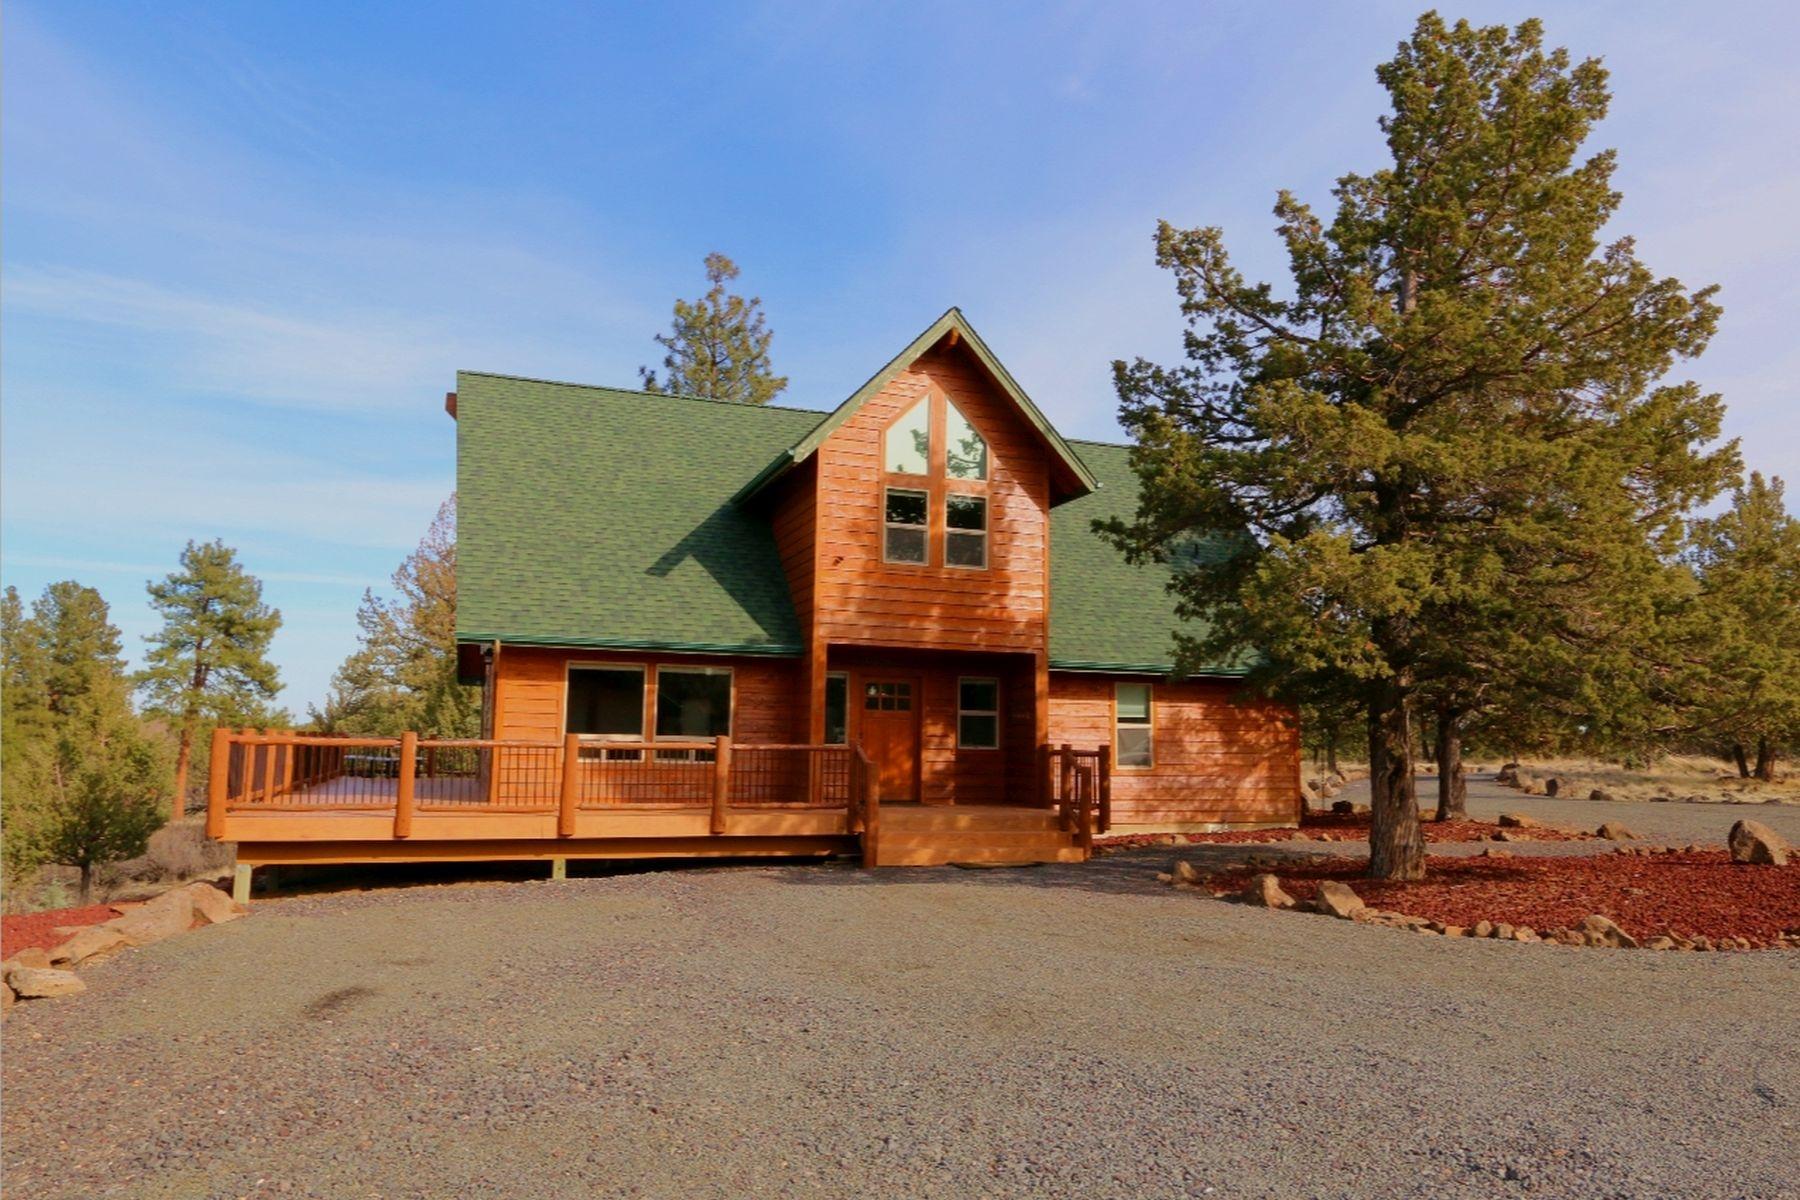 独户住宅 为 销售 在 Custom Built Home with Views! 5510 SW Wildcat Ln 卡尔弗, 俄勒冈州, 97734 美国